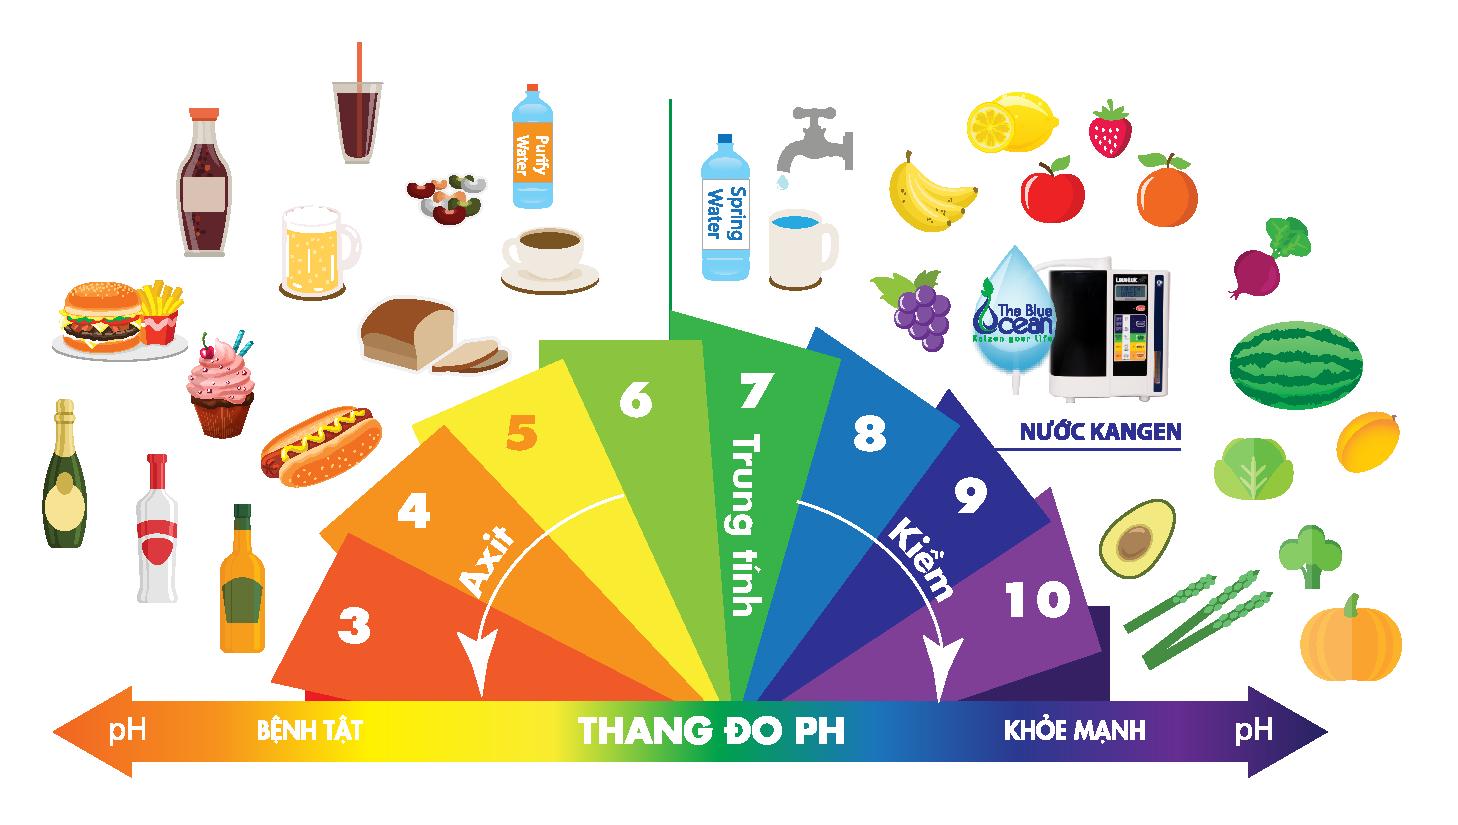 Nồng độ pH trong thức ăn của con người